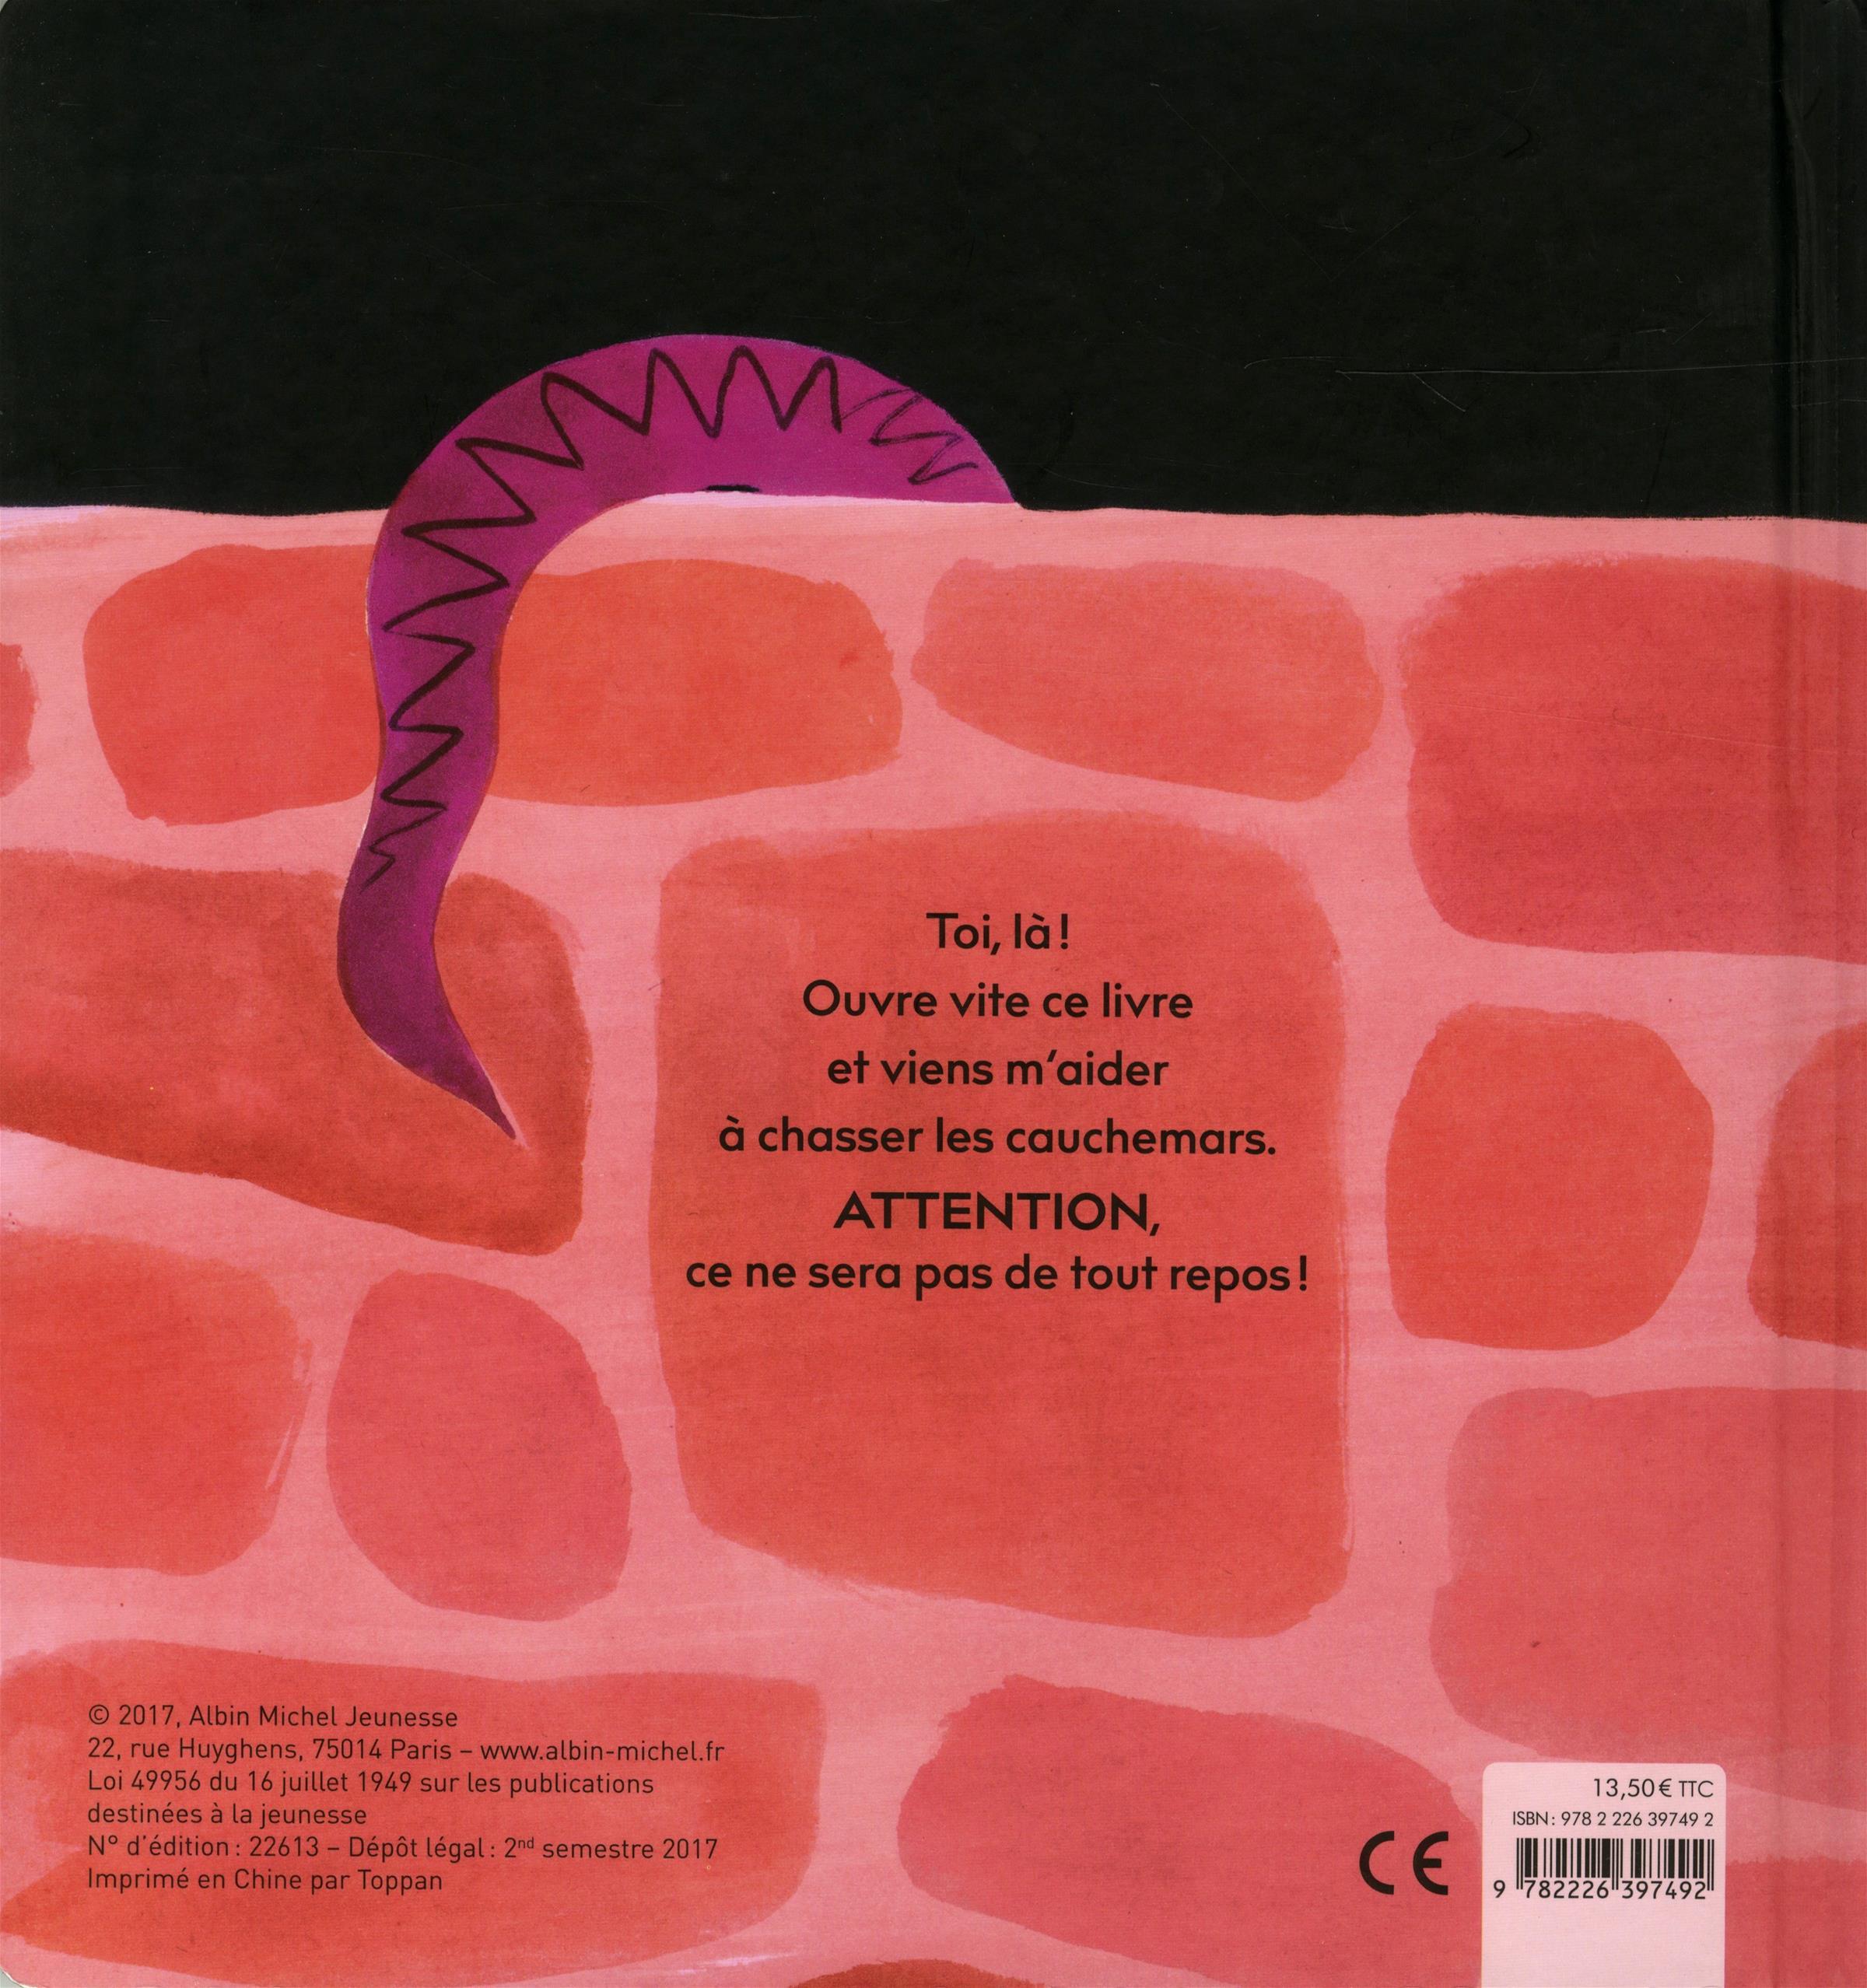 Livre Le Livre Qui Fait Peur Aux Cauchemars Messageries Adp